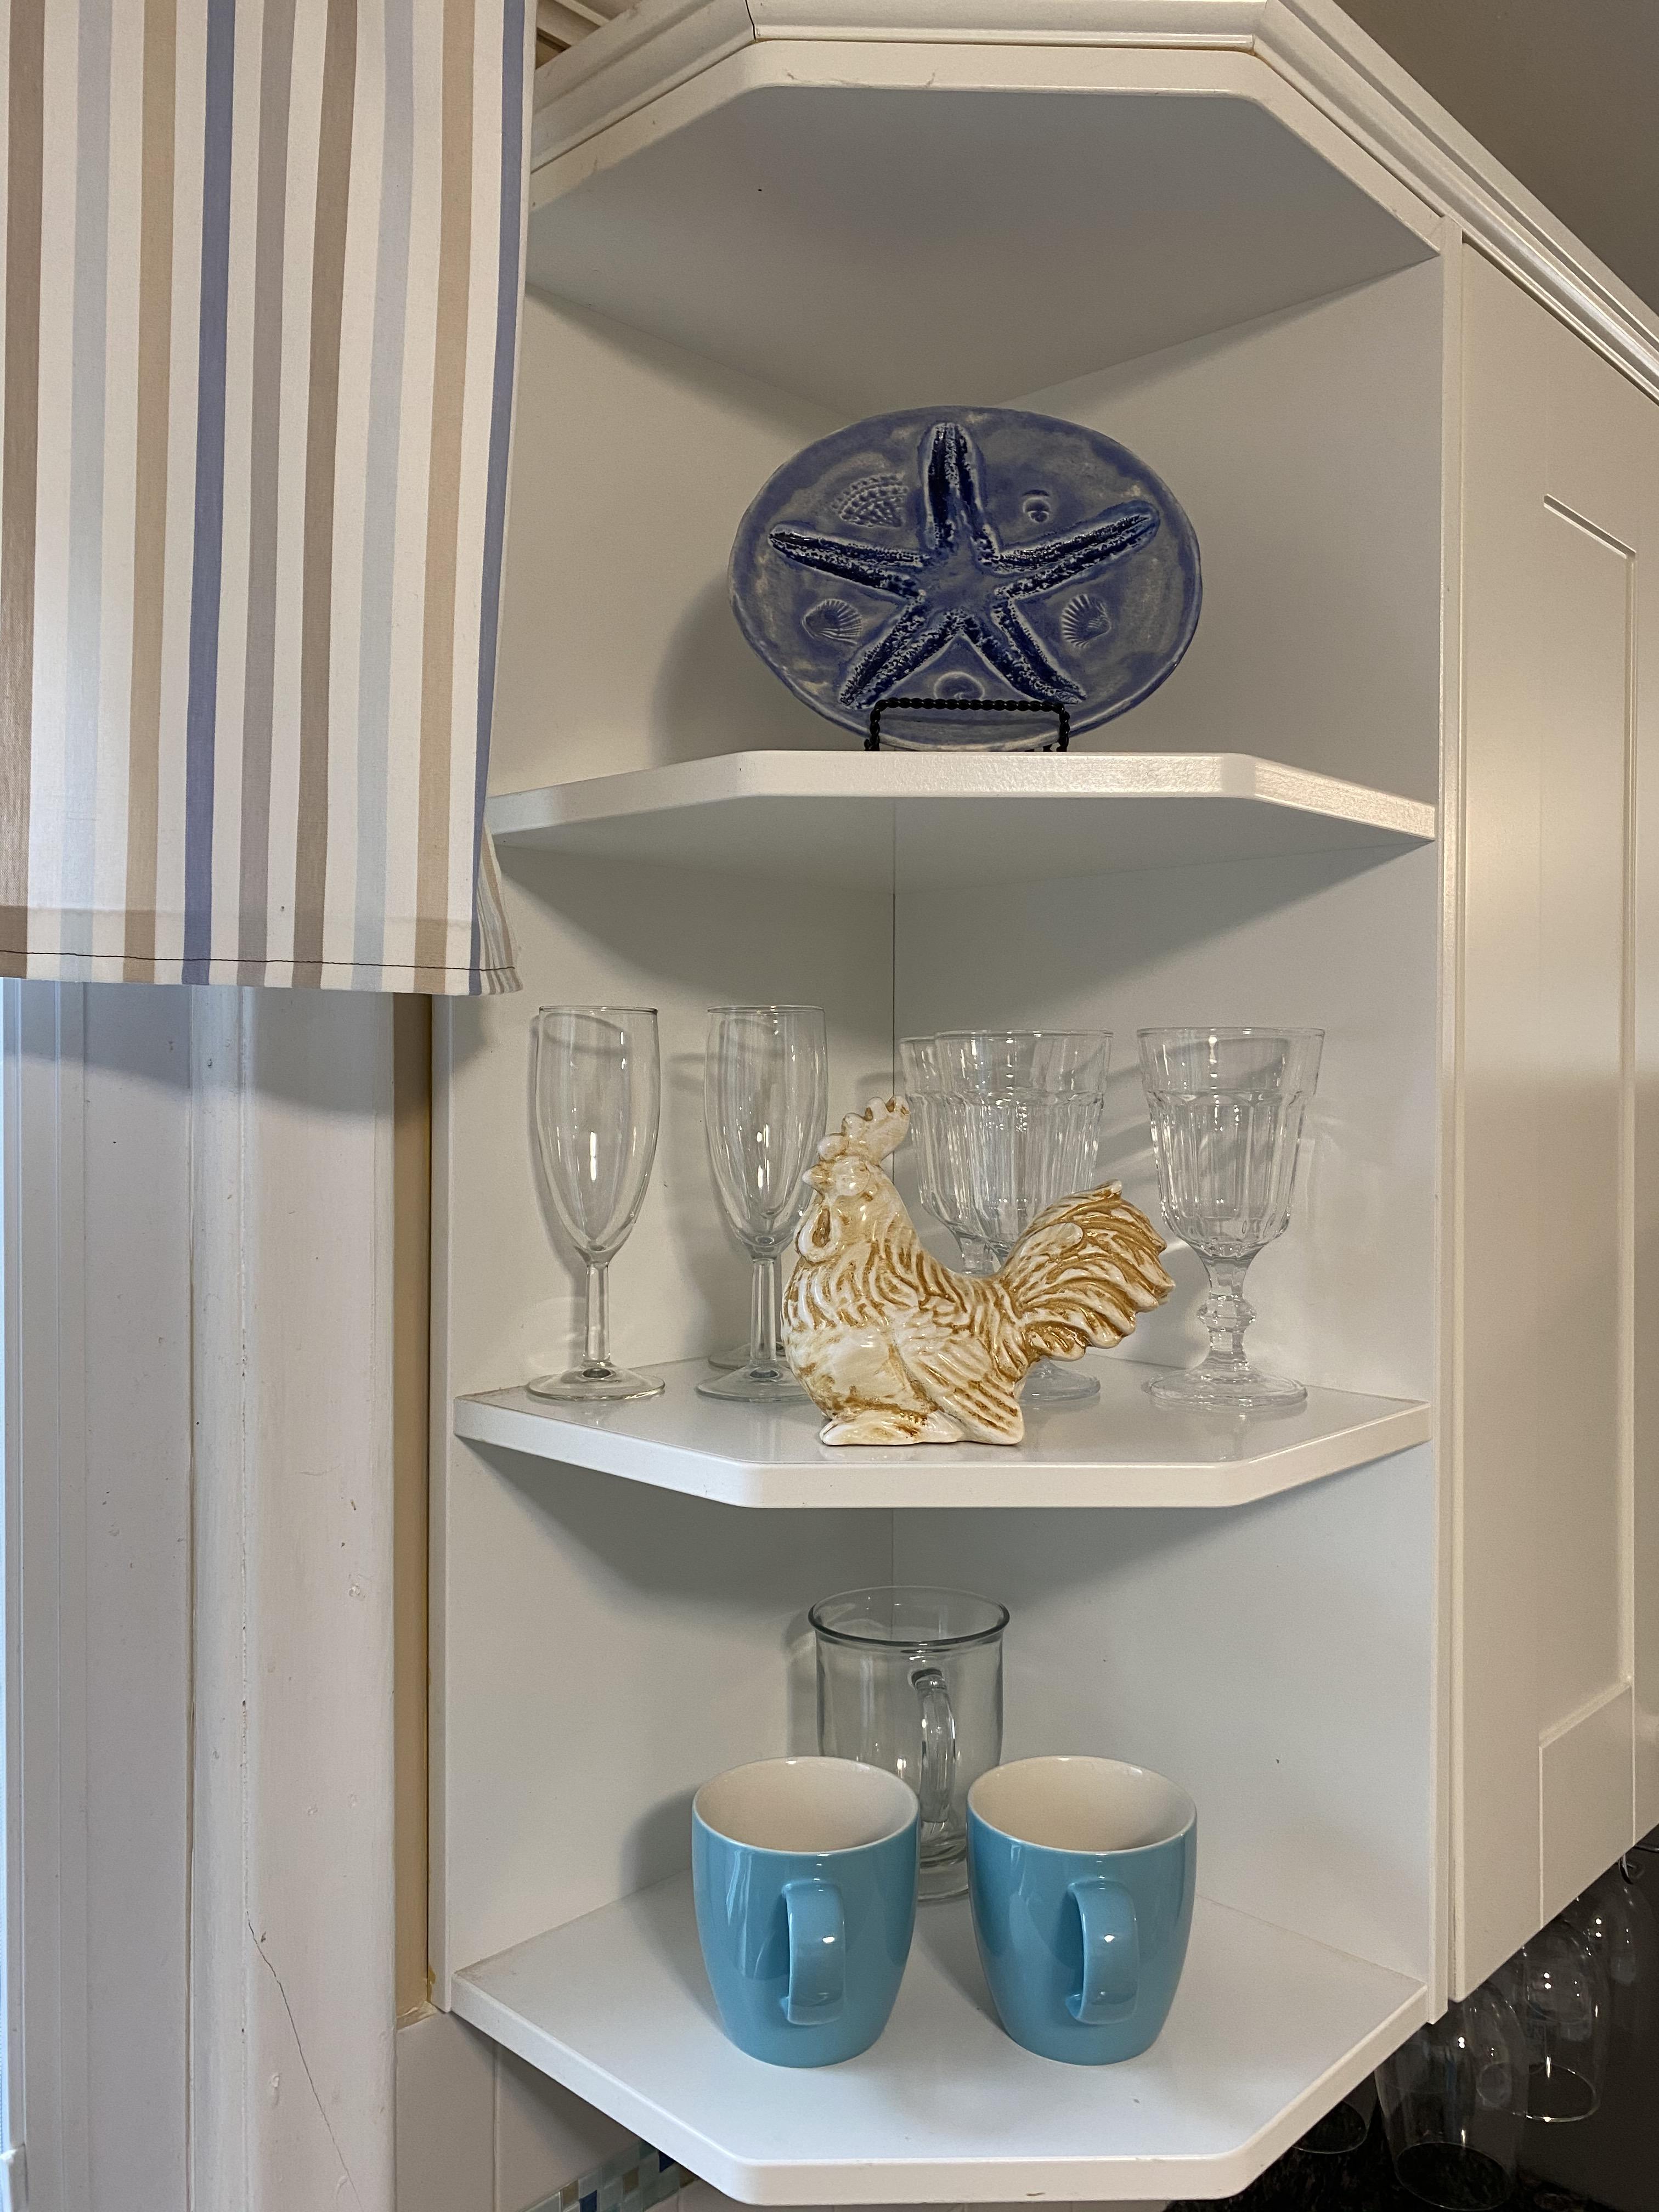 Coastal Kitchen Shelf Vignette